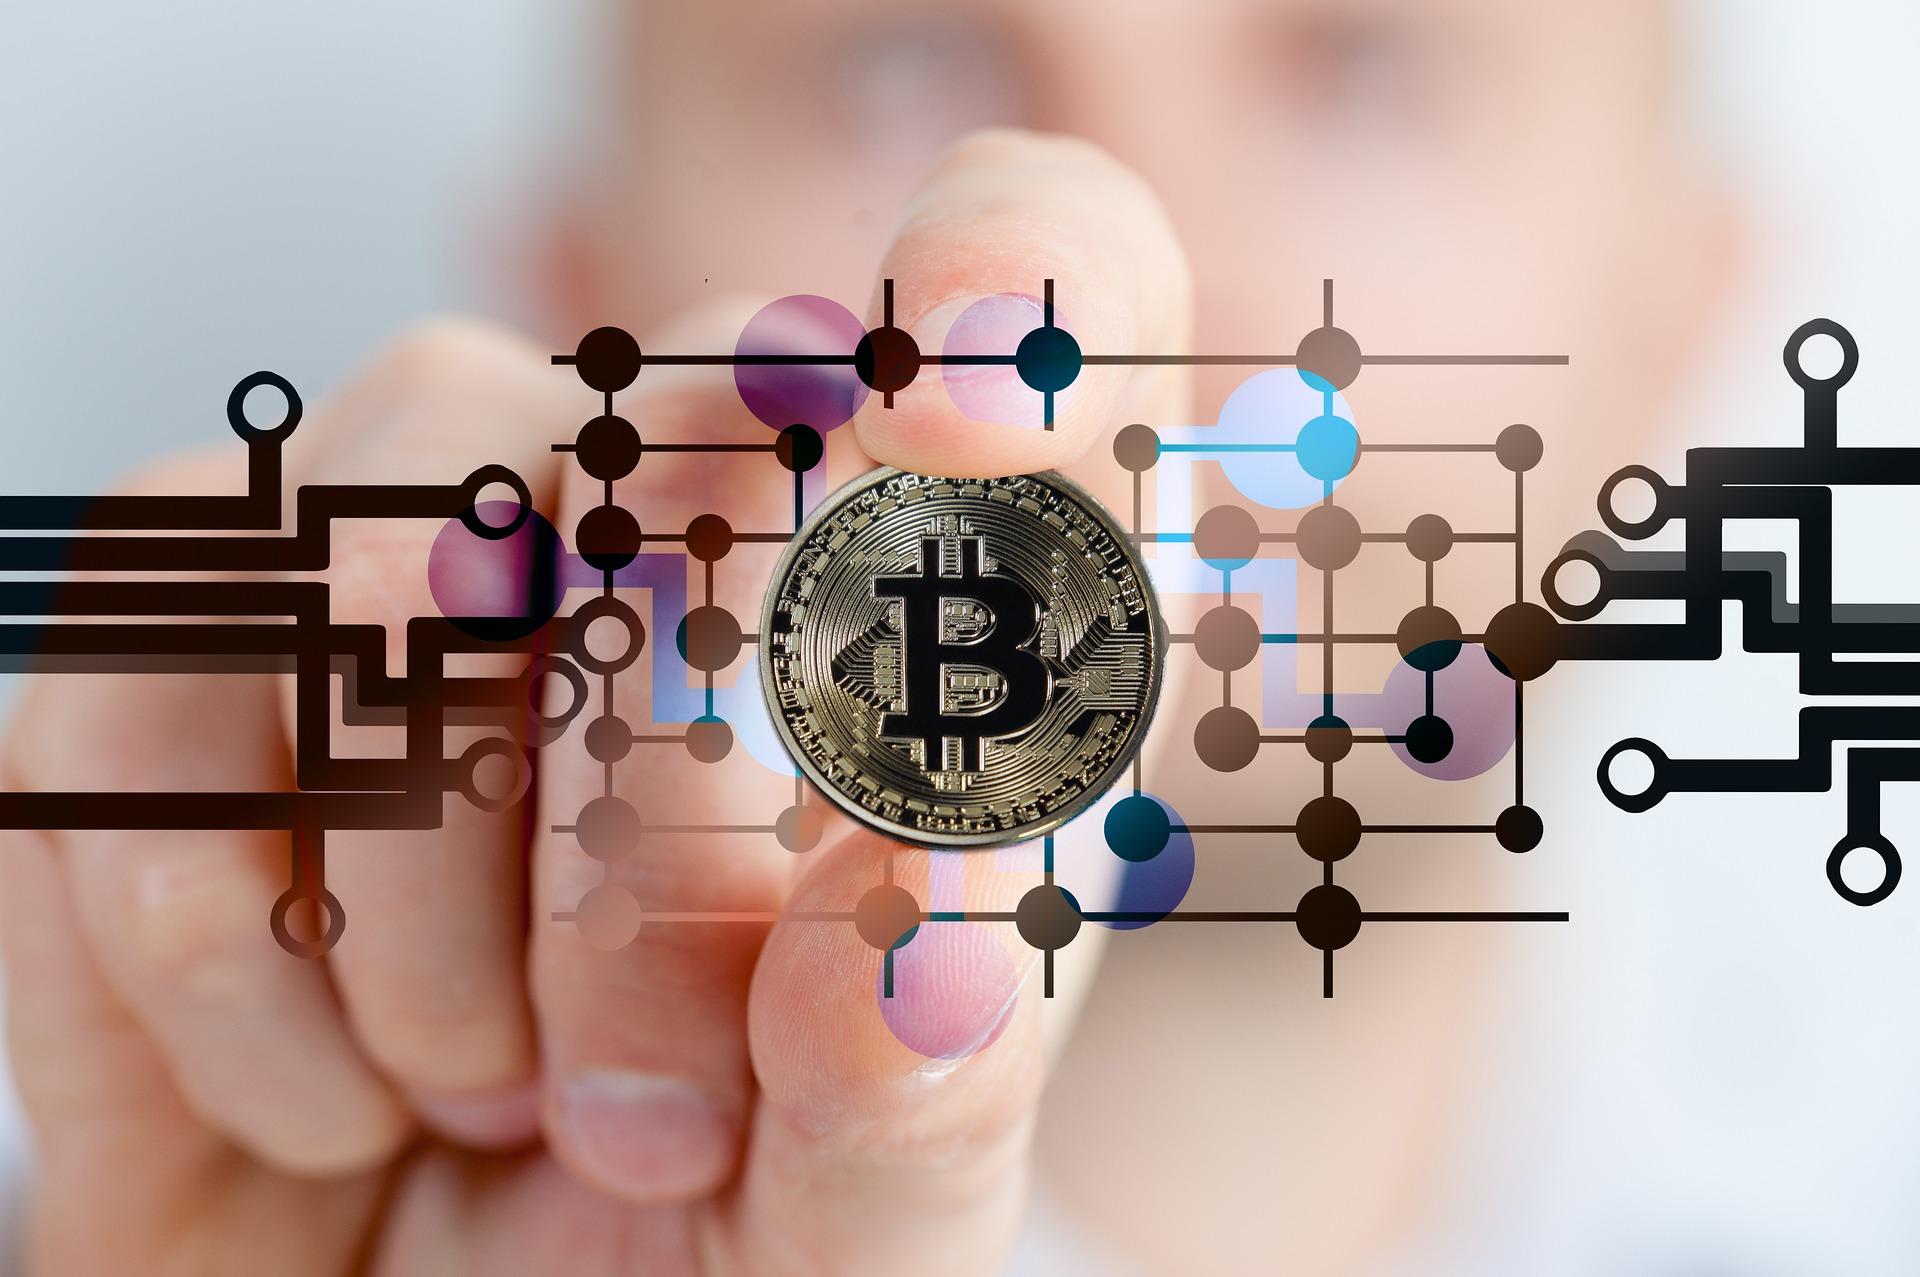 Здійснена перша транзакція Bitcoin по супутниковому зв'язку